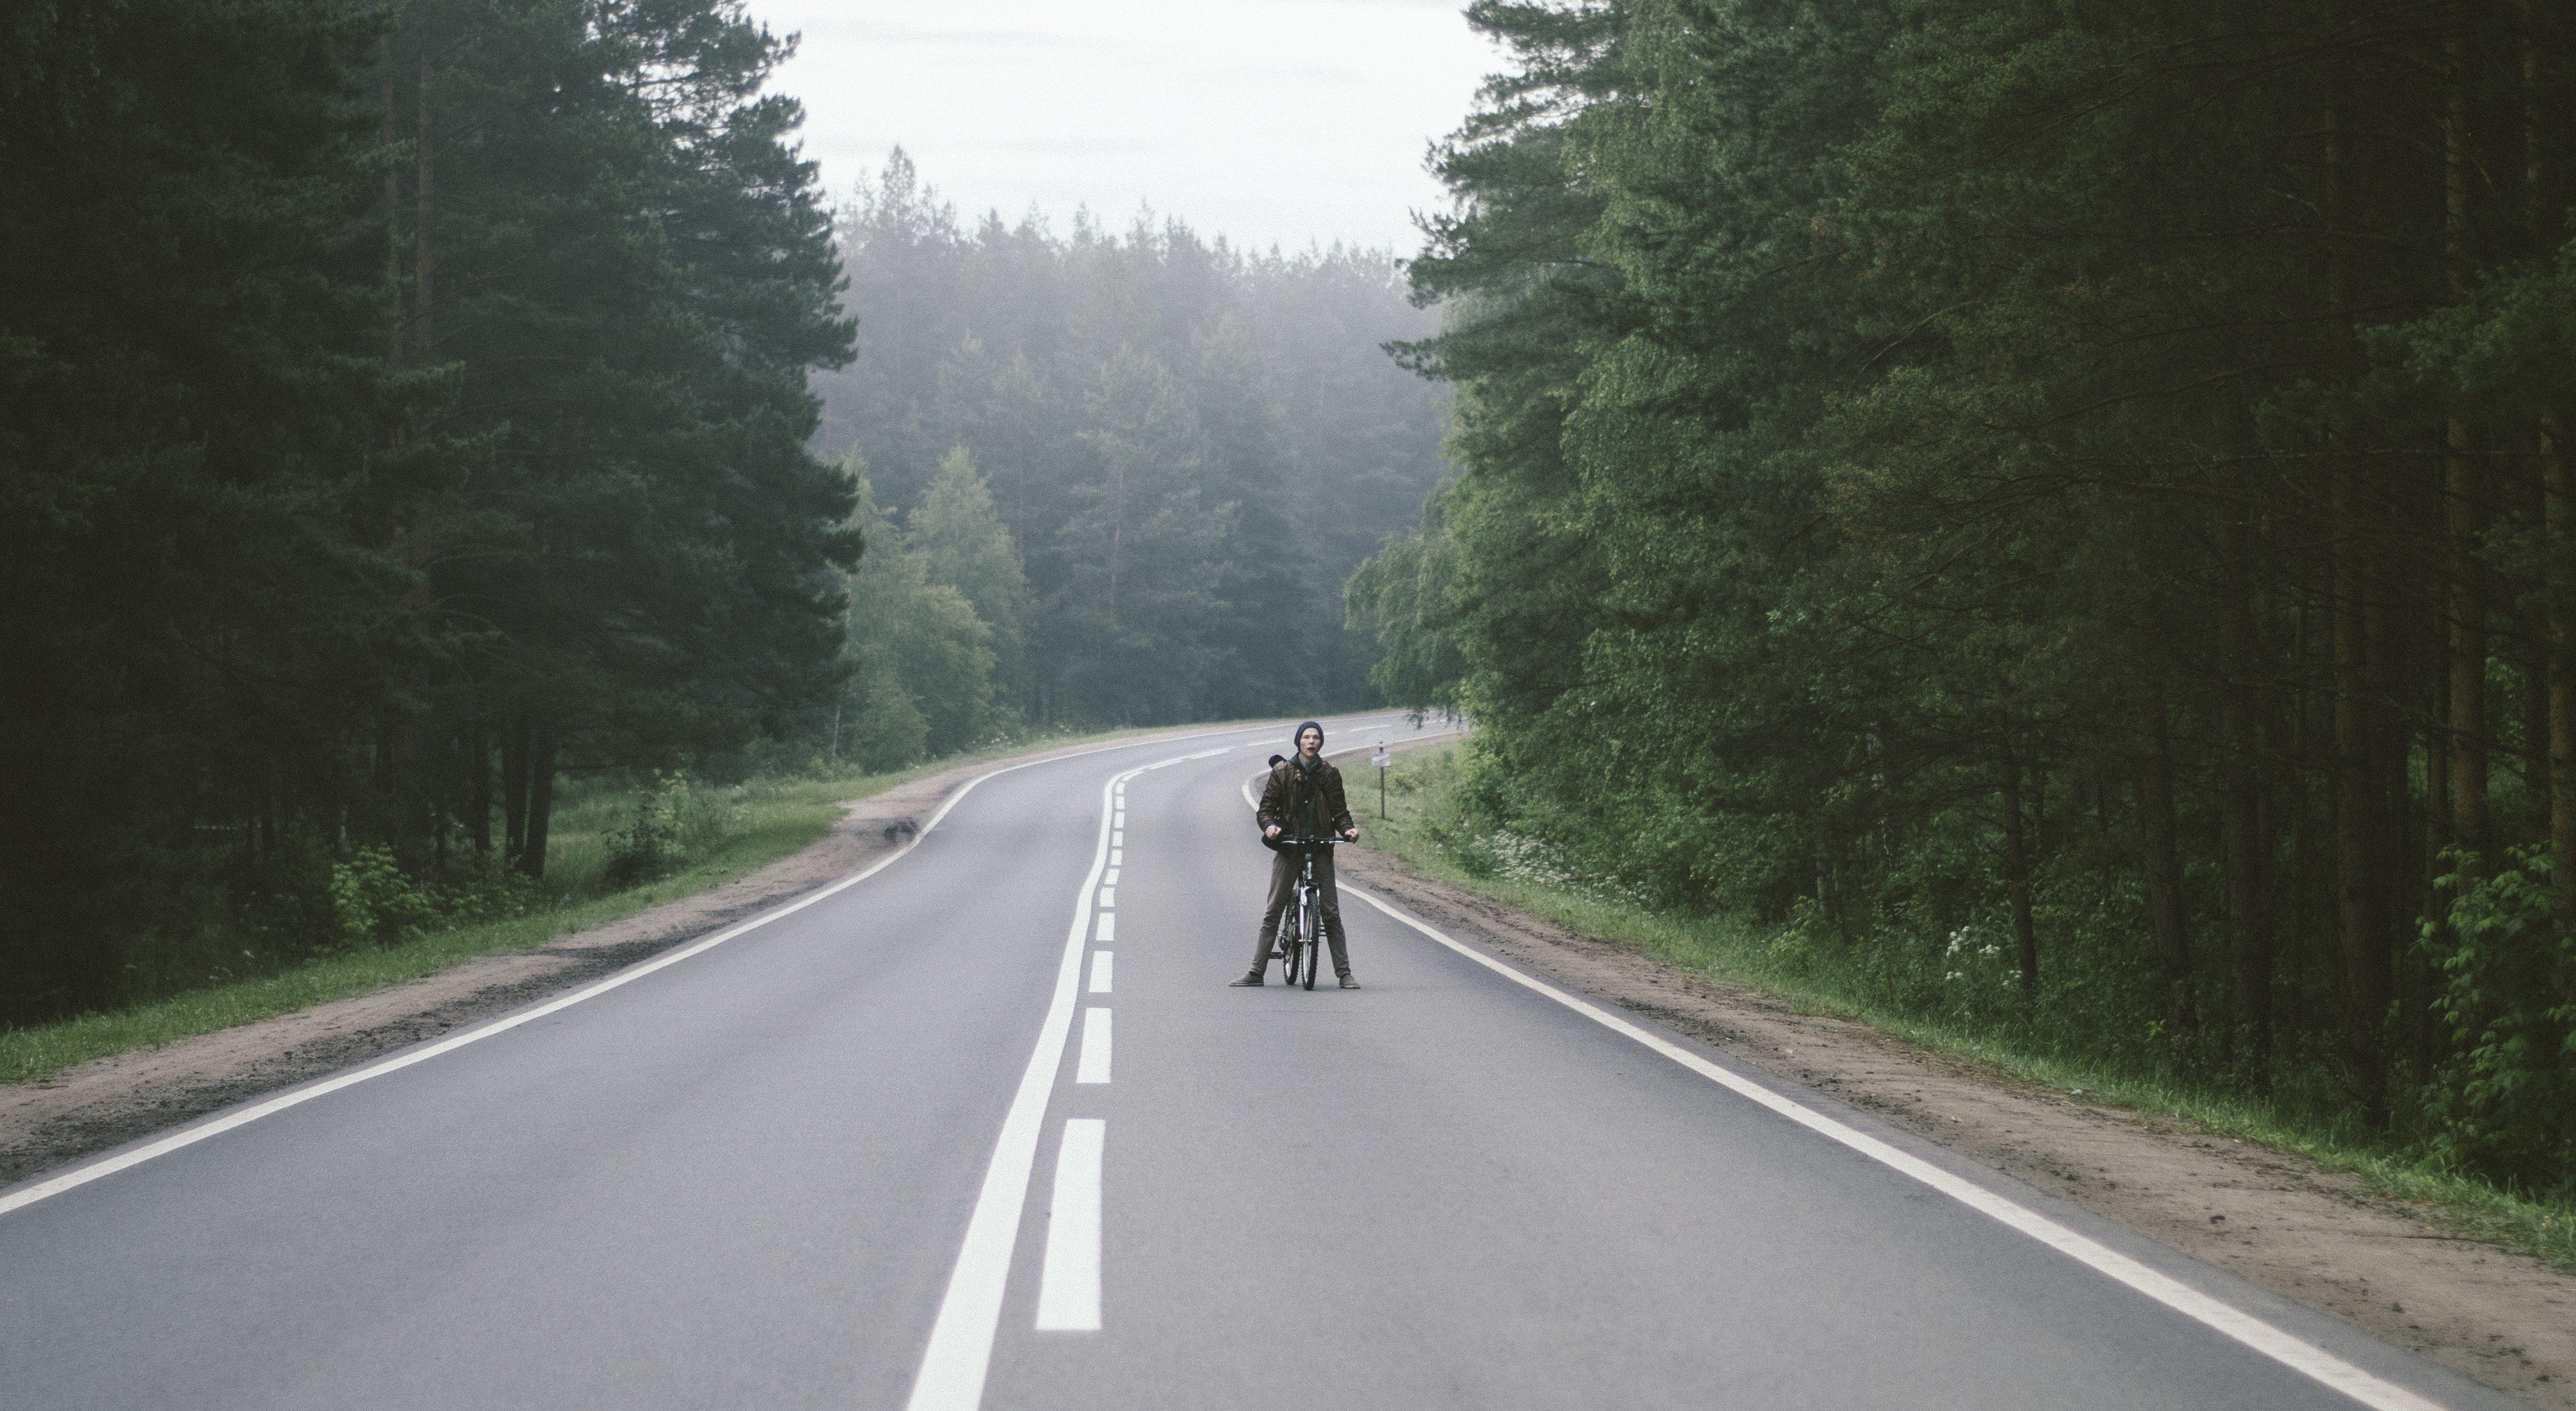 Δωρεάν στοκ φωτογραφιών με άνθρωπος, άσφαλτος, αυτοκινητόδρομος, δασικός